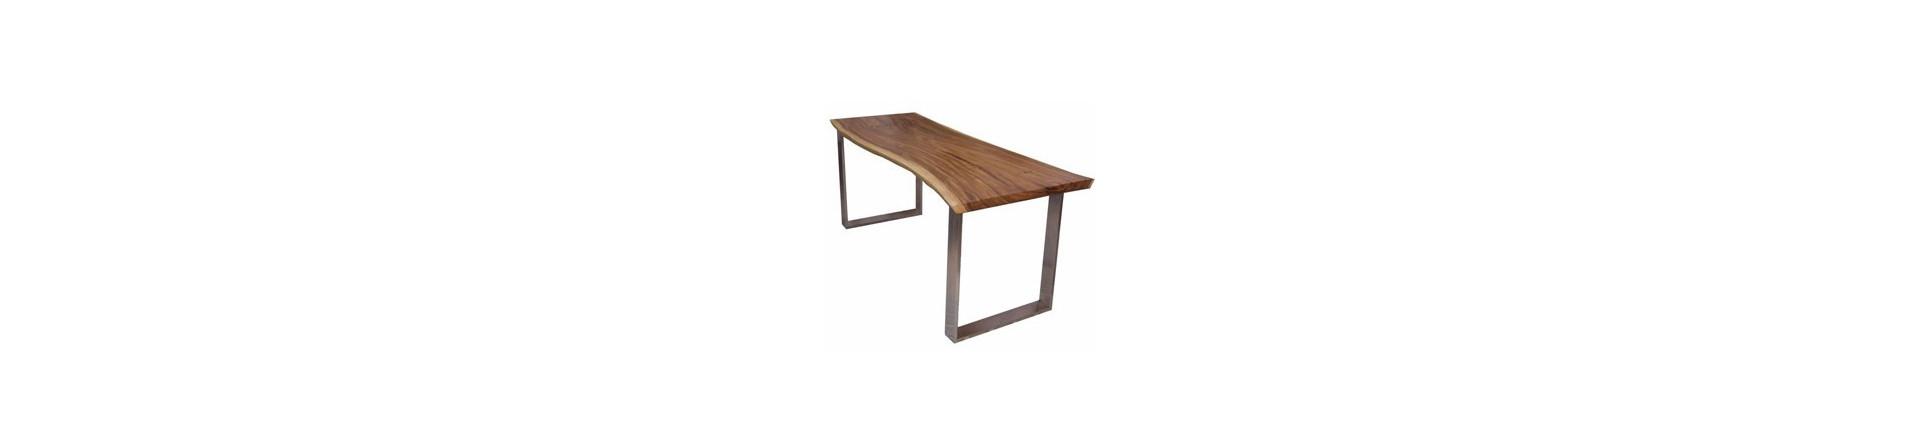 Mesas de diseño de madera, fibra de vidrio, cristal, hecho por mano, cortado de medido